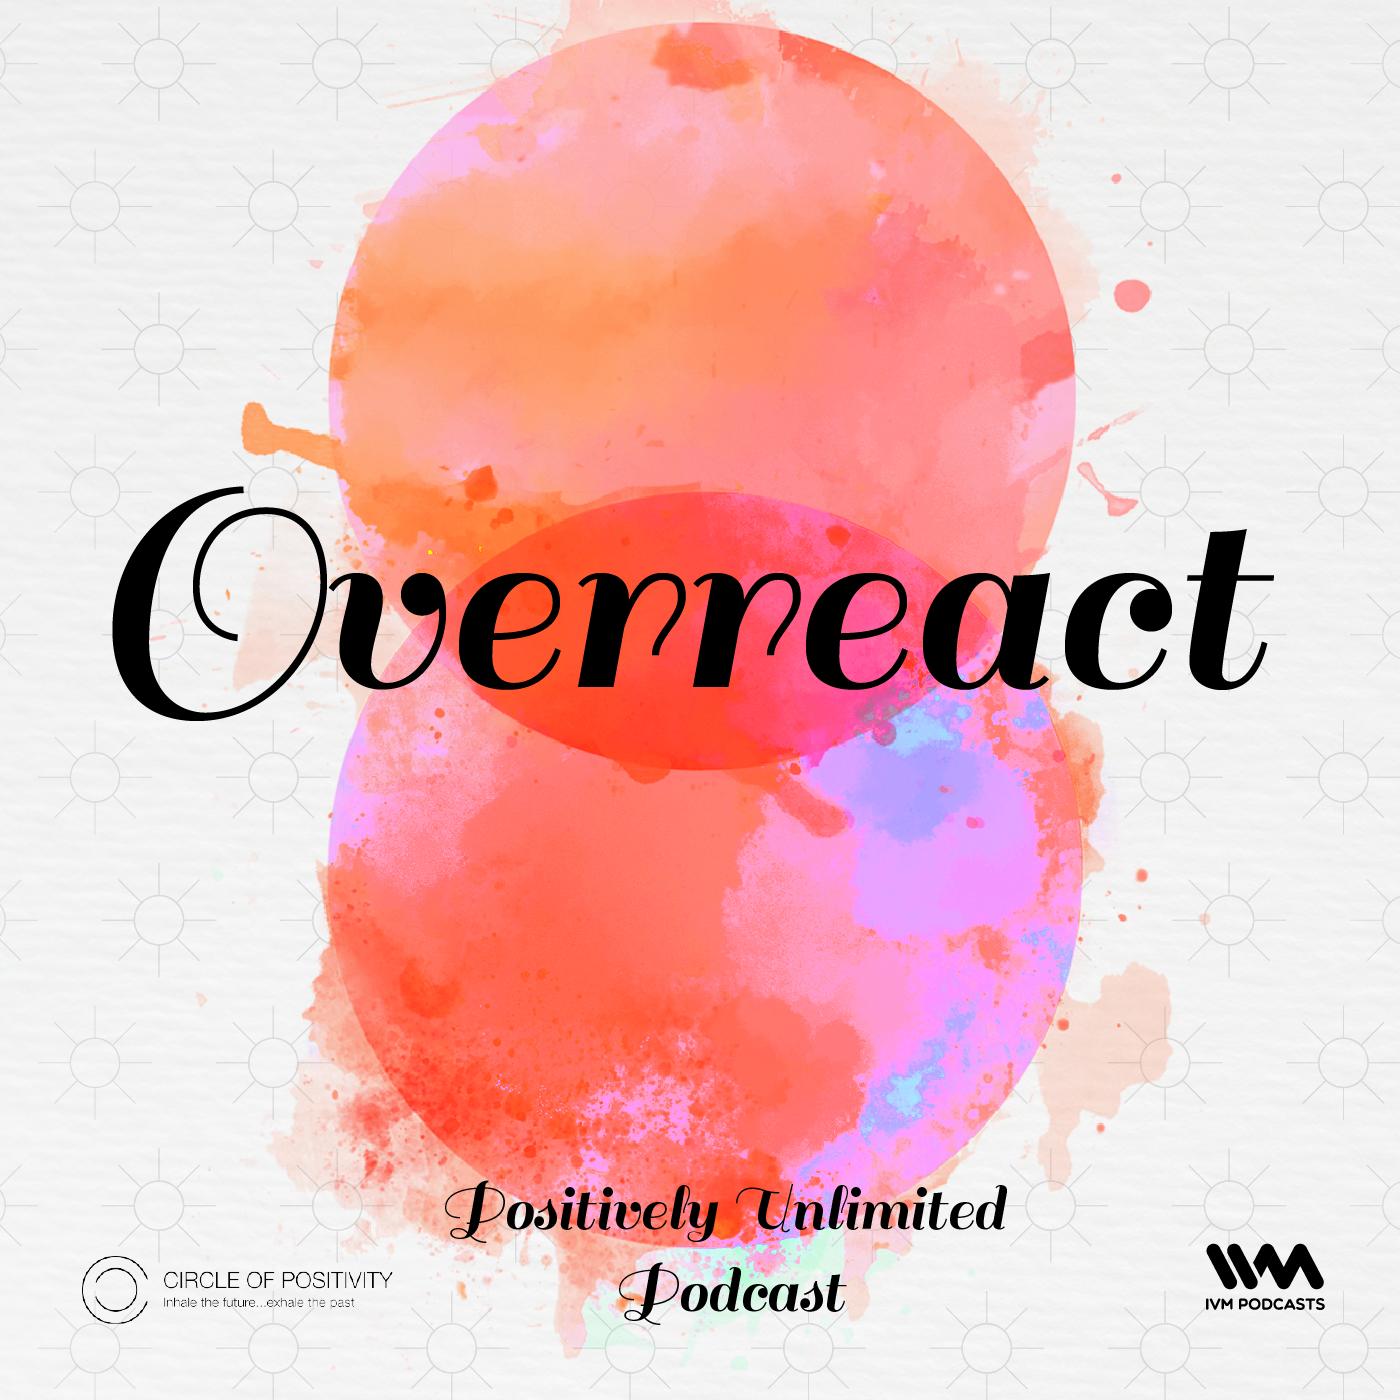 Ep. 113: Overreact